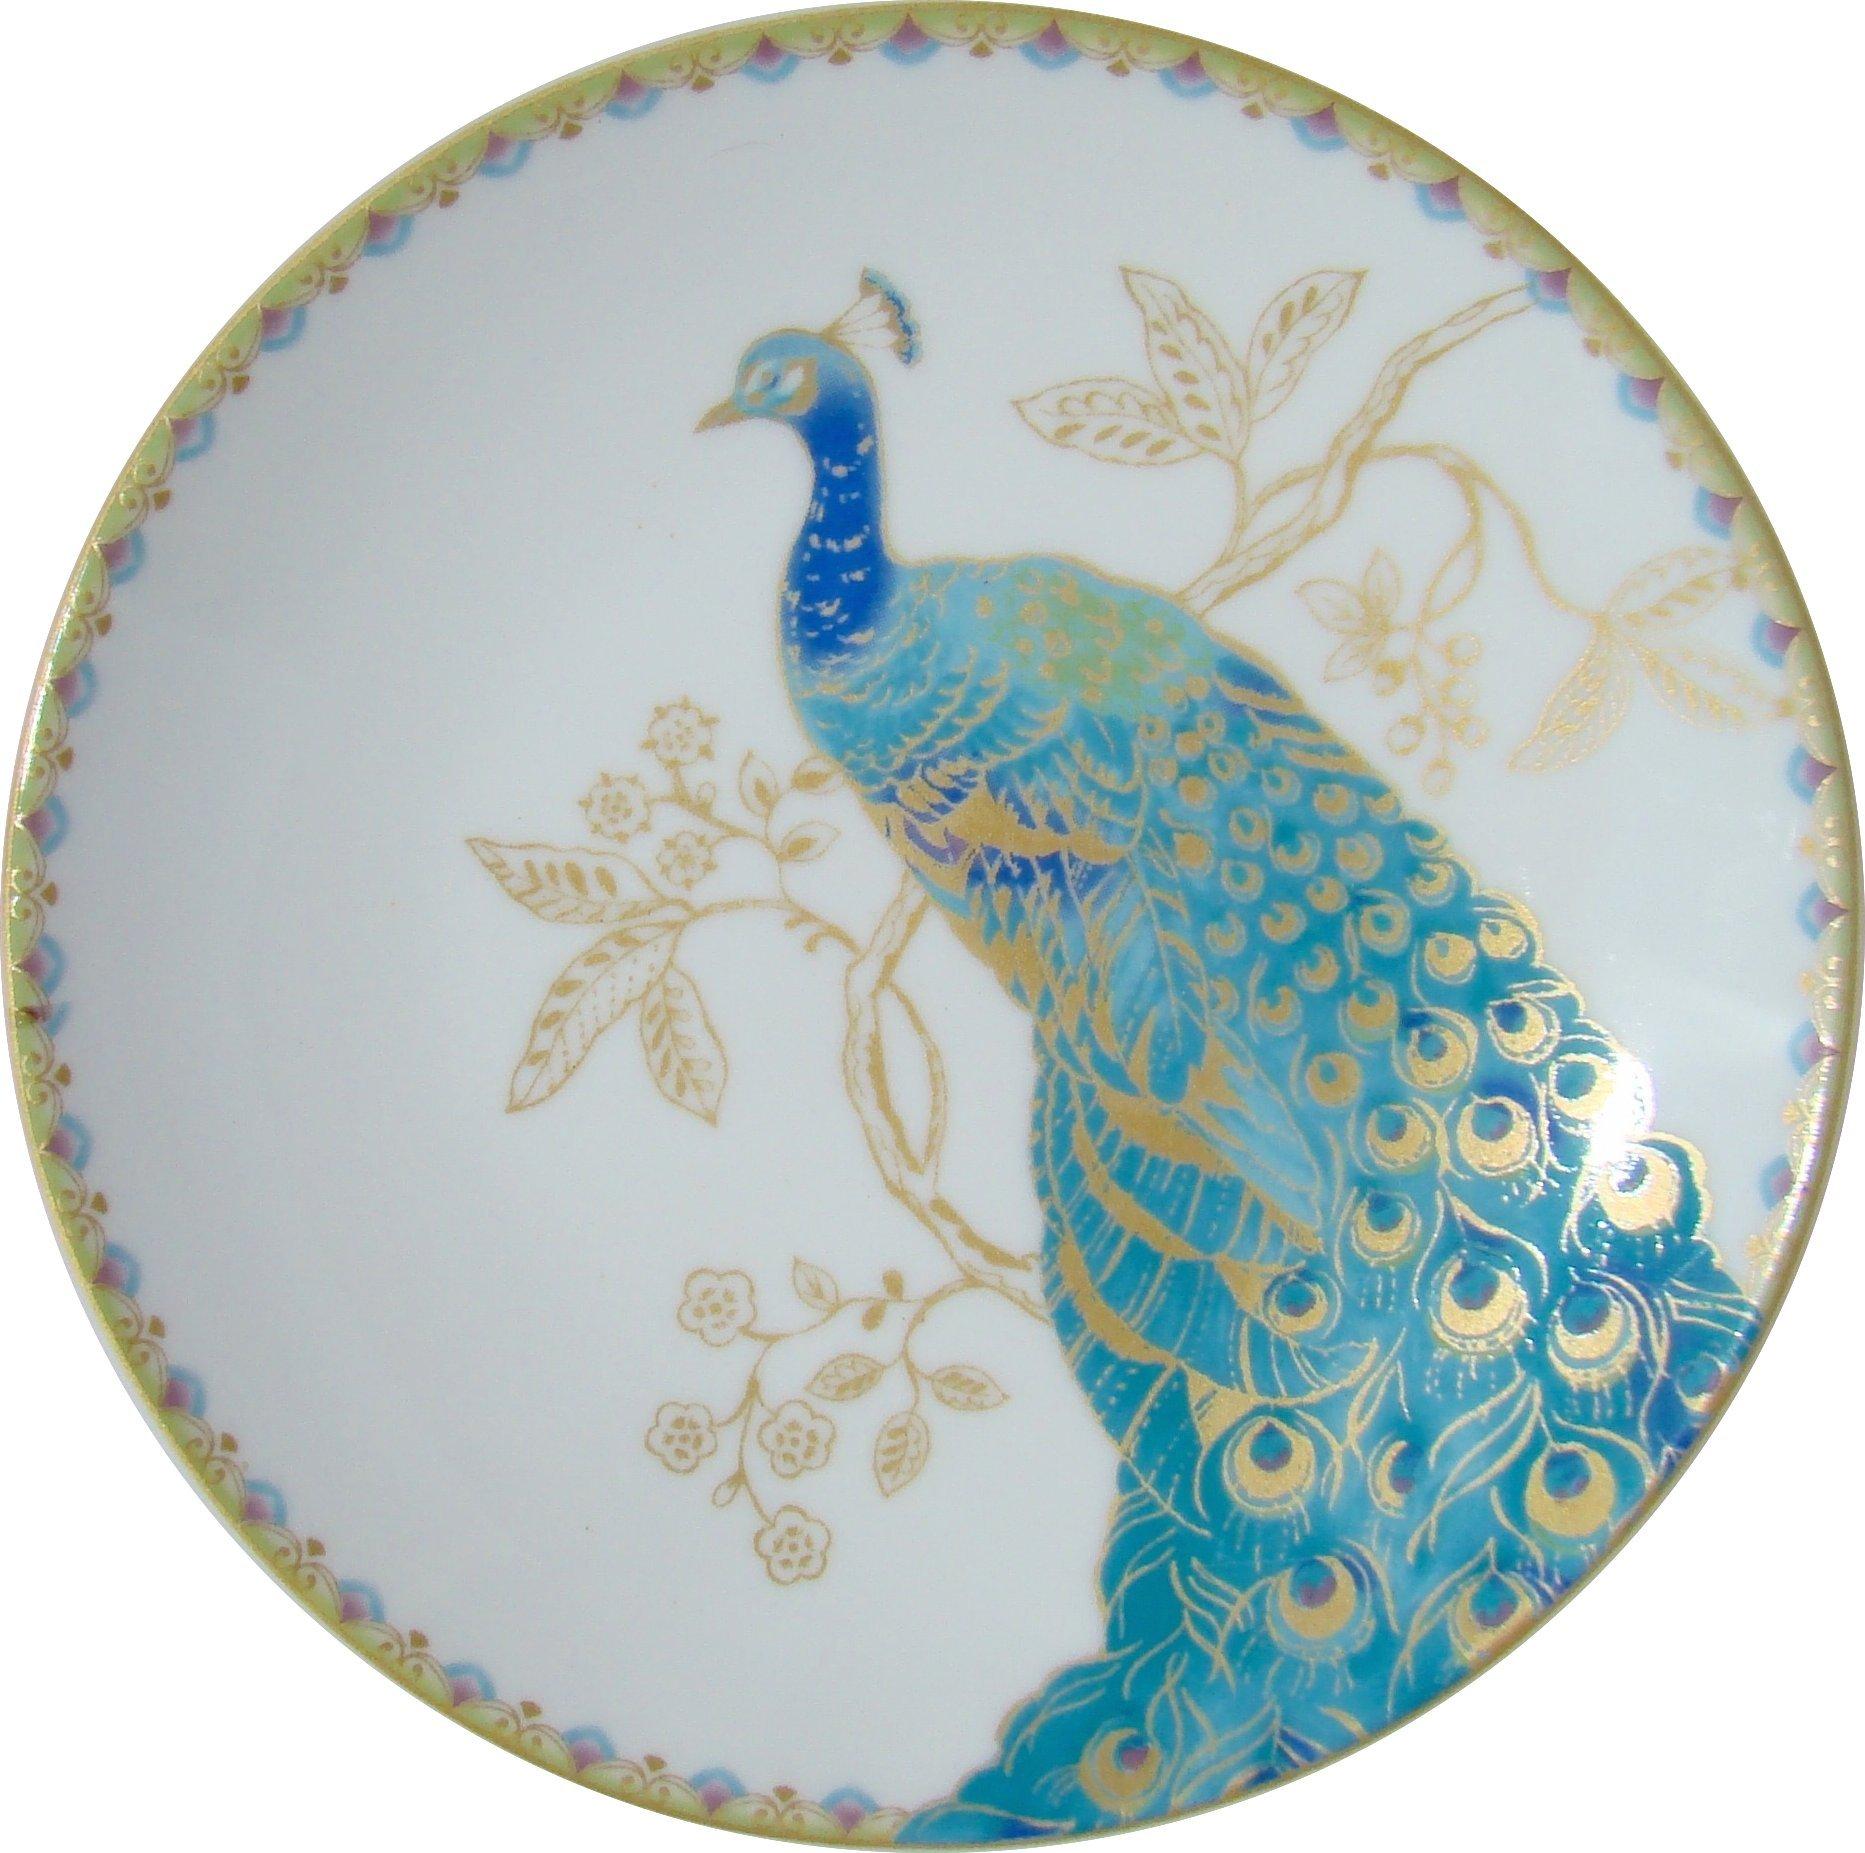 222 Fifth Peacock Garden Dessert Plates Set of 4